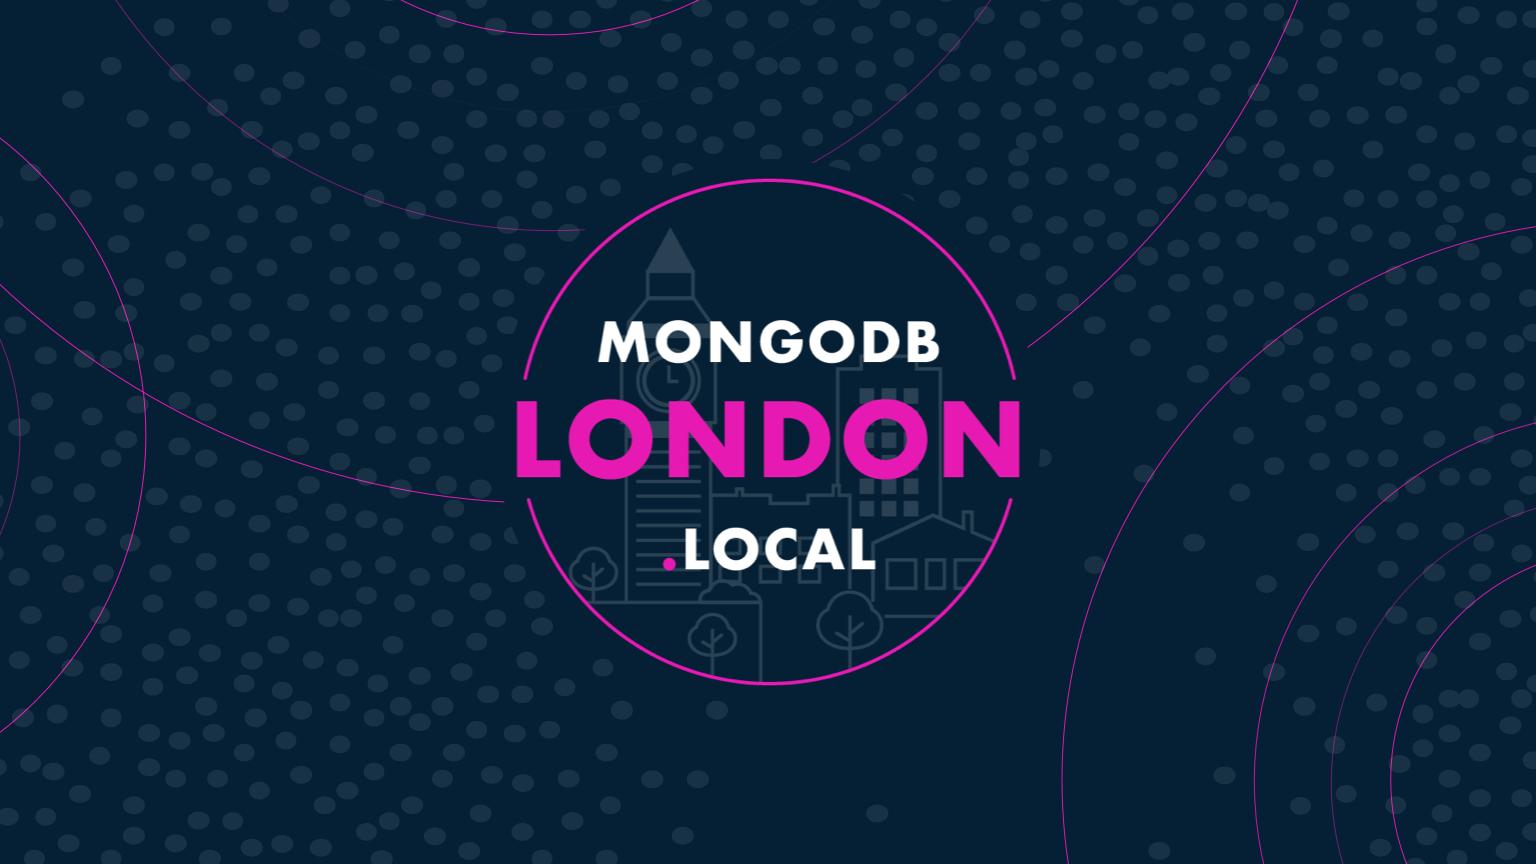 Madrid MongoDB User Group